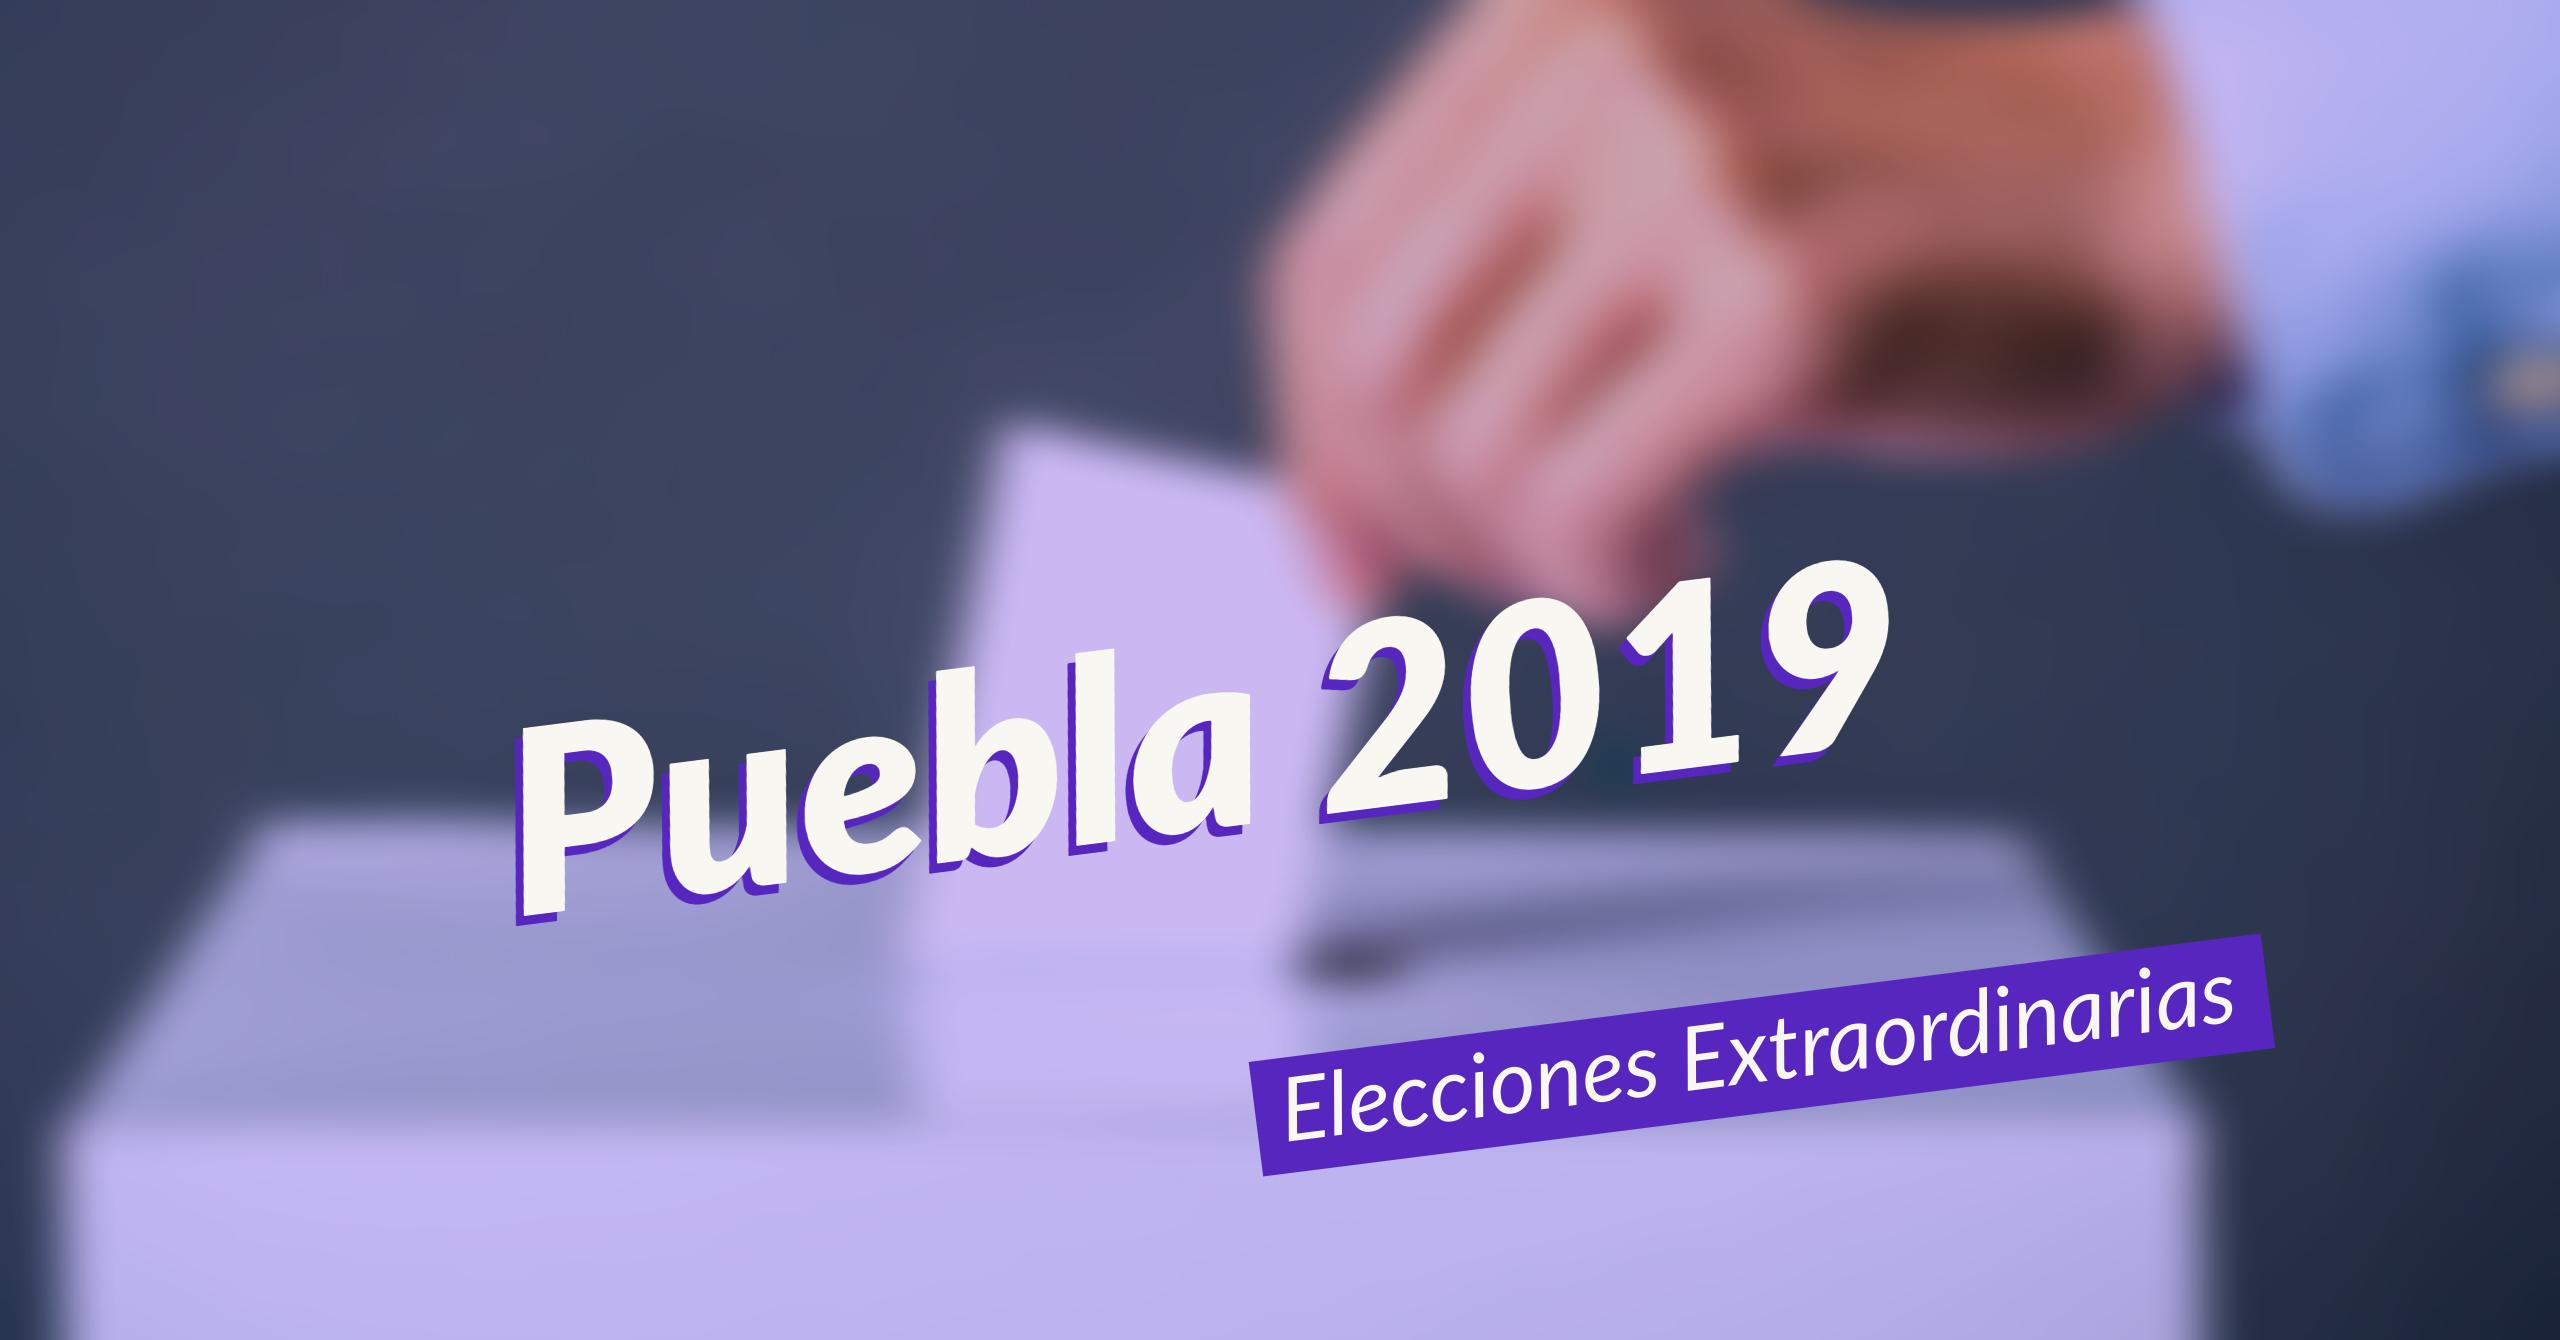 Sigue los resultados de la elección en Puebla